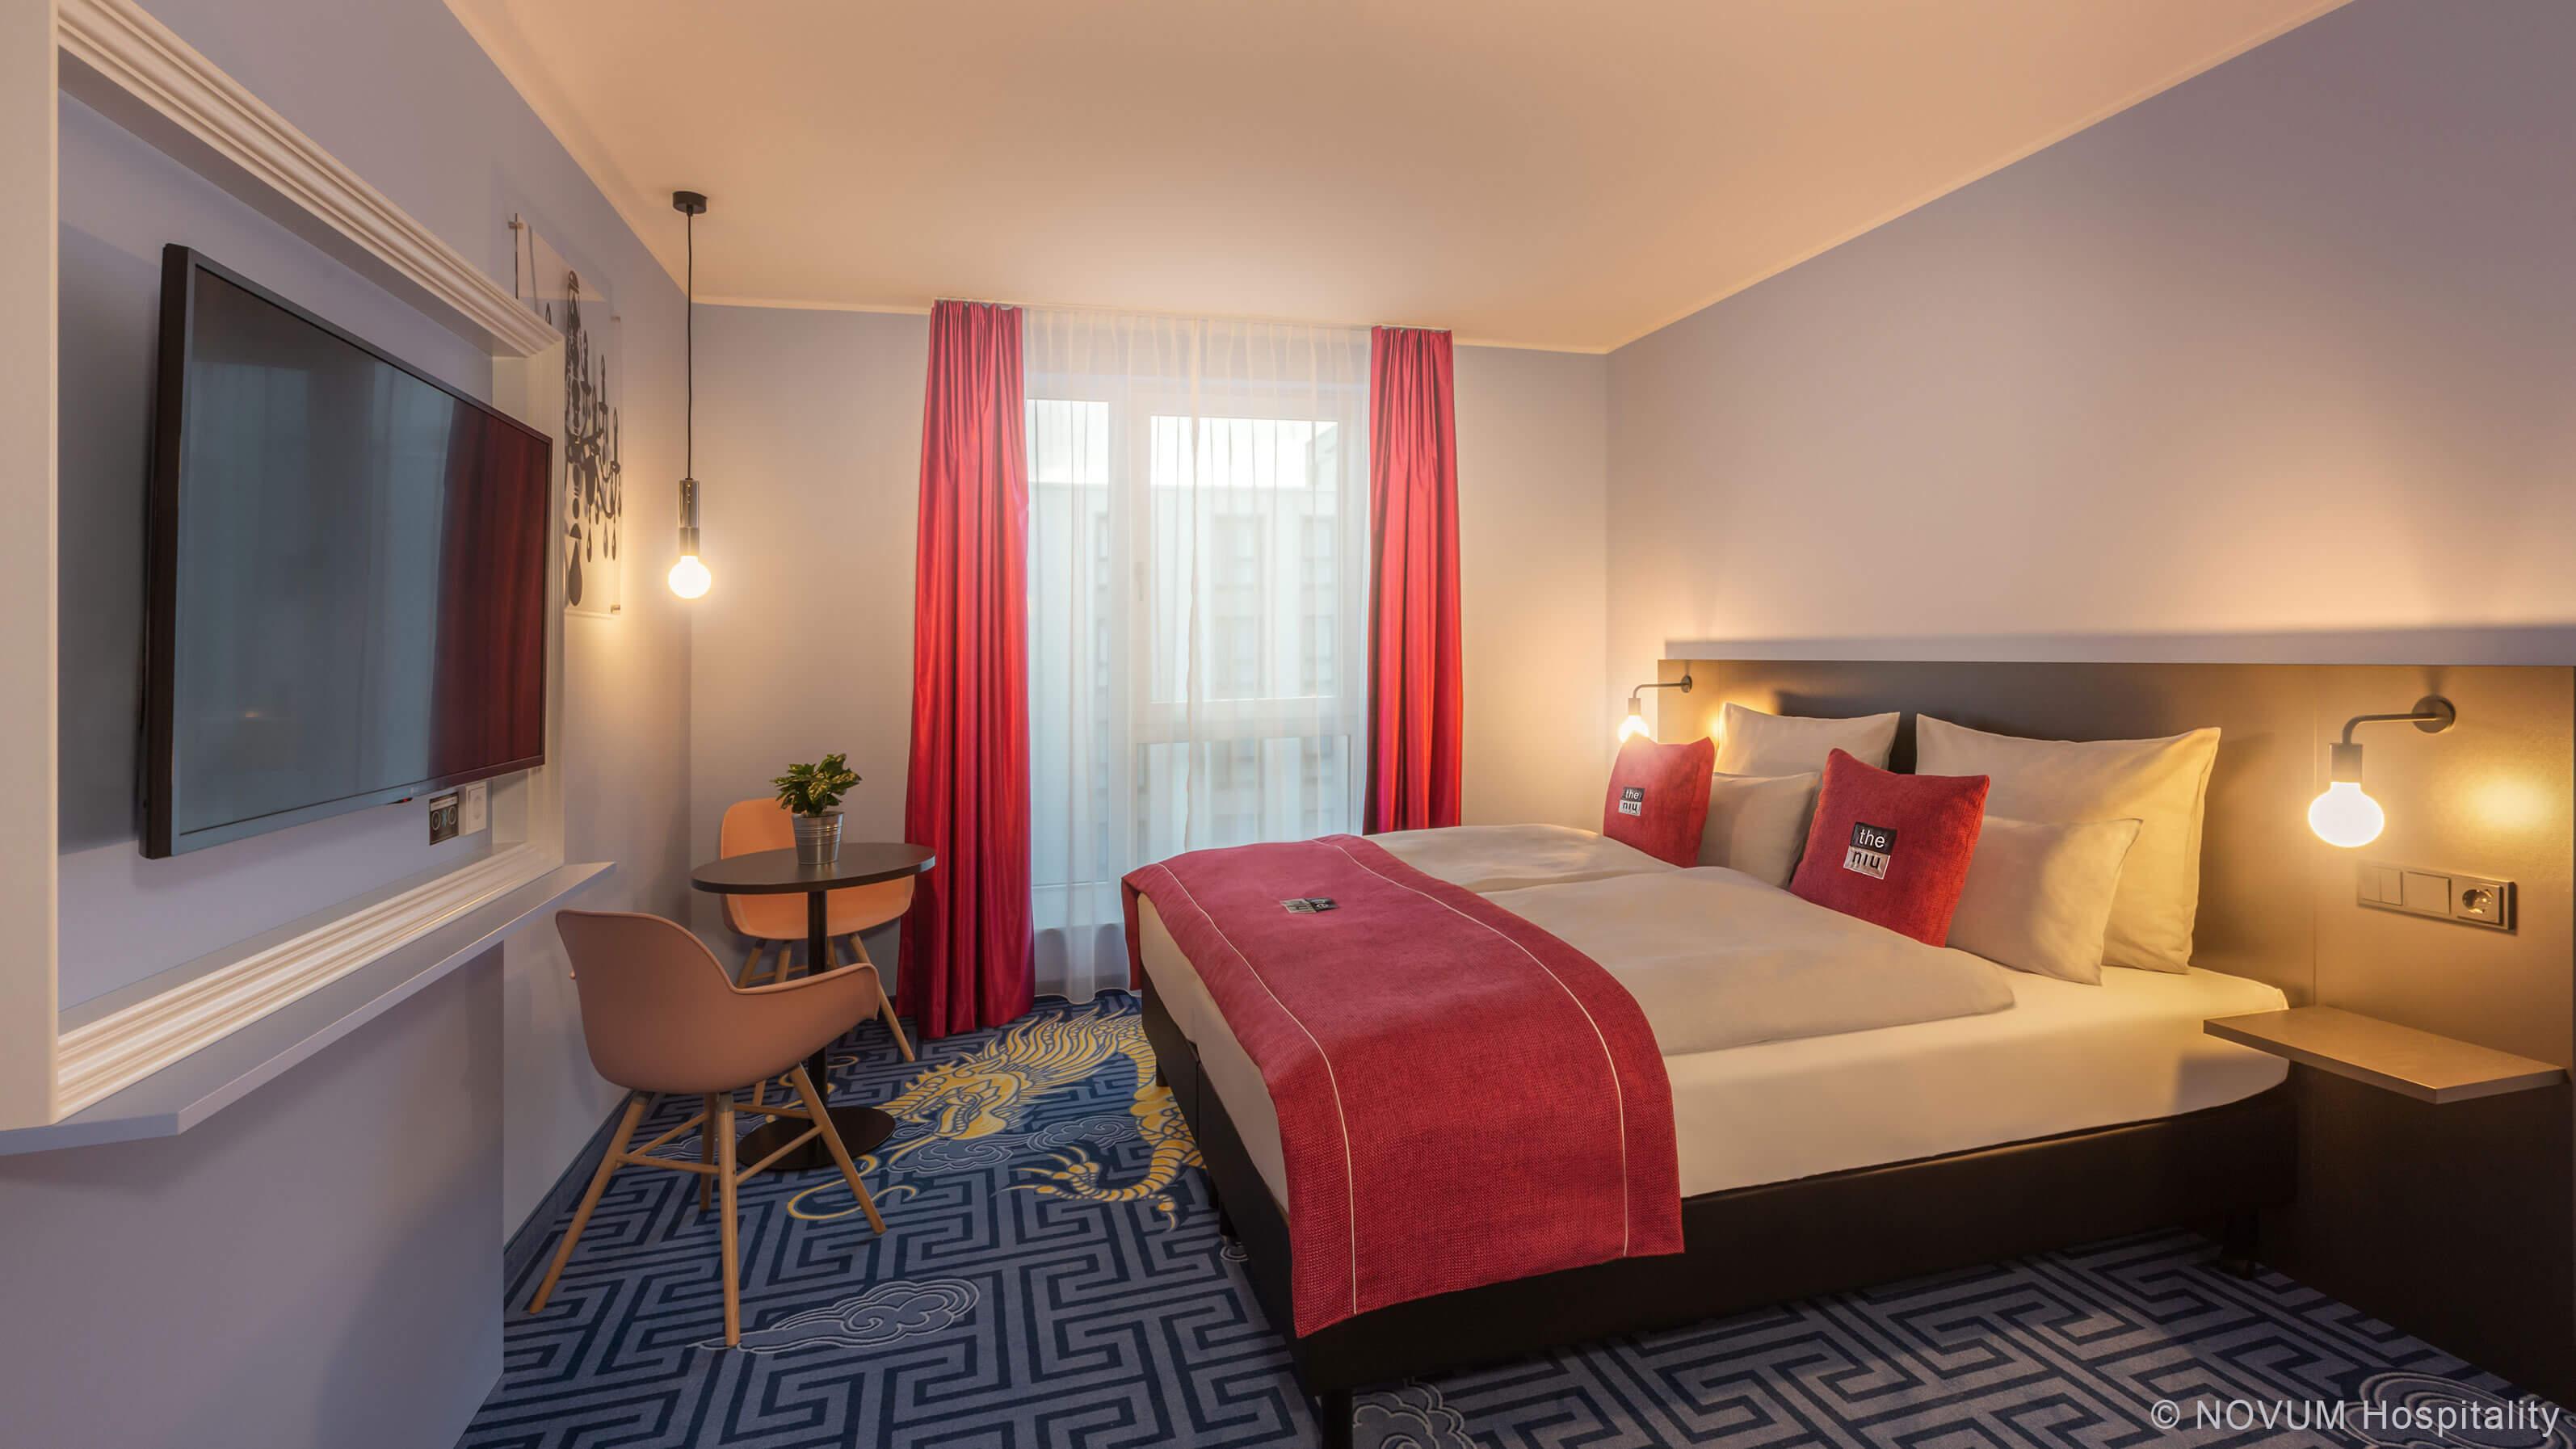 hotelausstattung-hoteleinrichtungen-bachhuber-Hotel-MIU_Mood_04